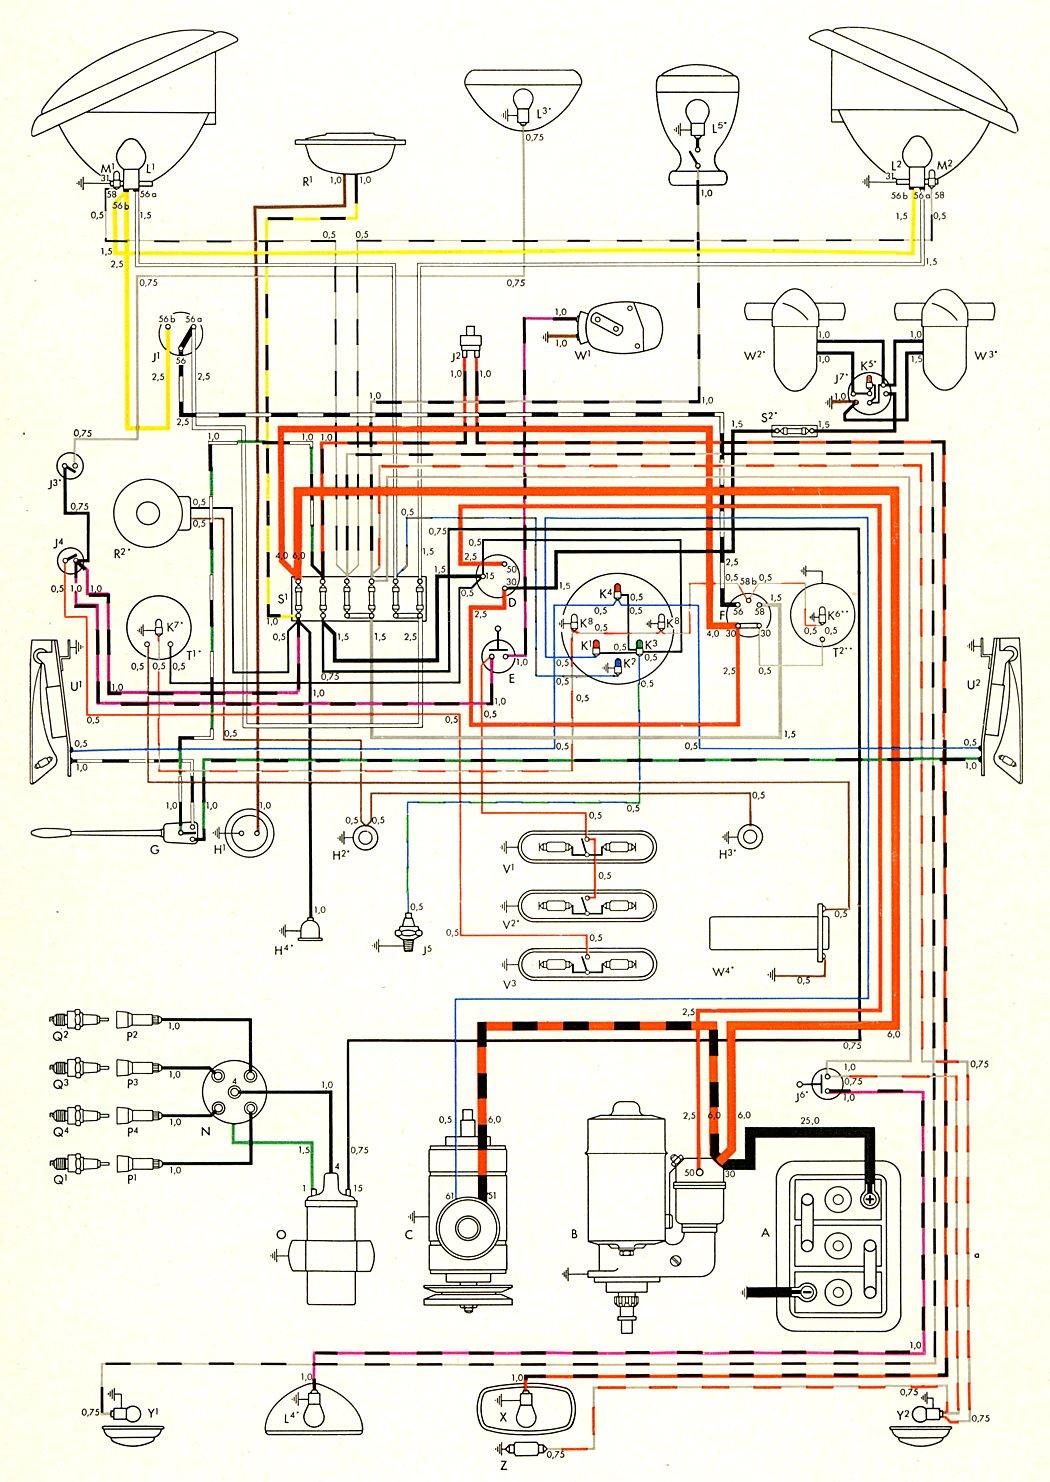 Vw T4 Wiring Diagram Simple Diagrams Volkswagen Looms Loom Database Library 1973 Beetle Headlight